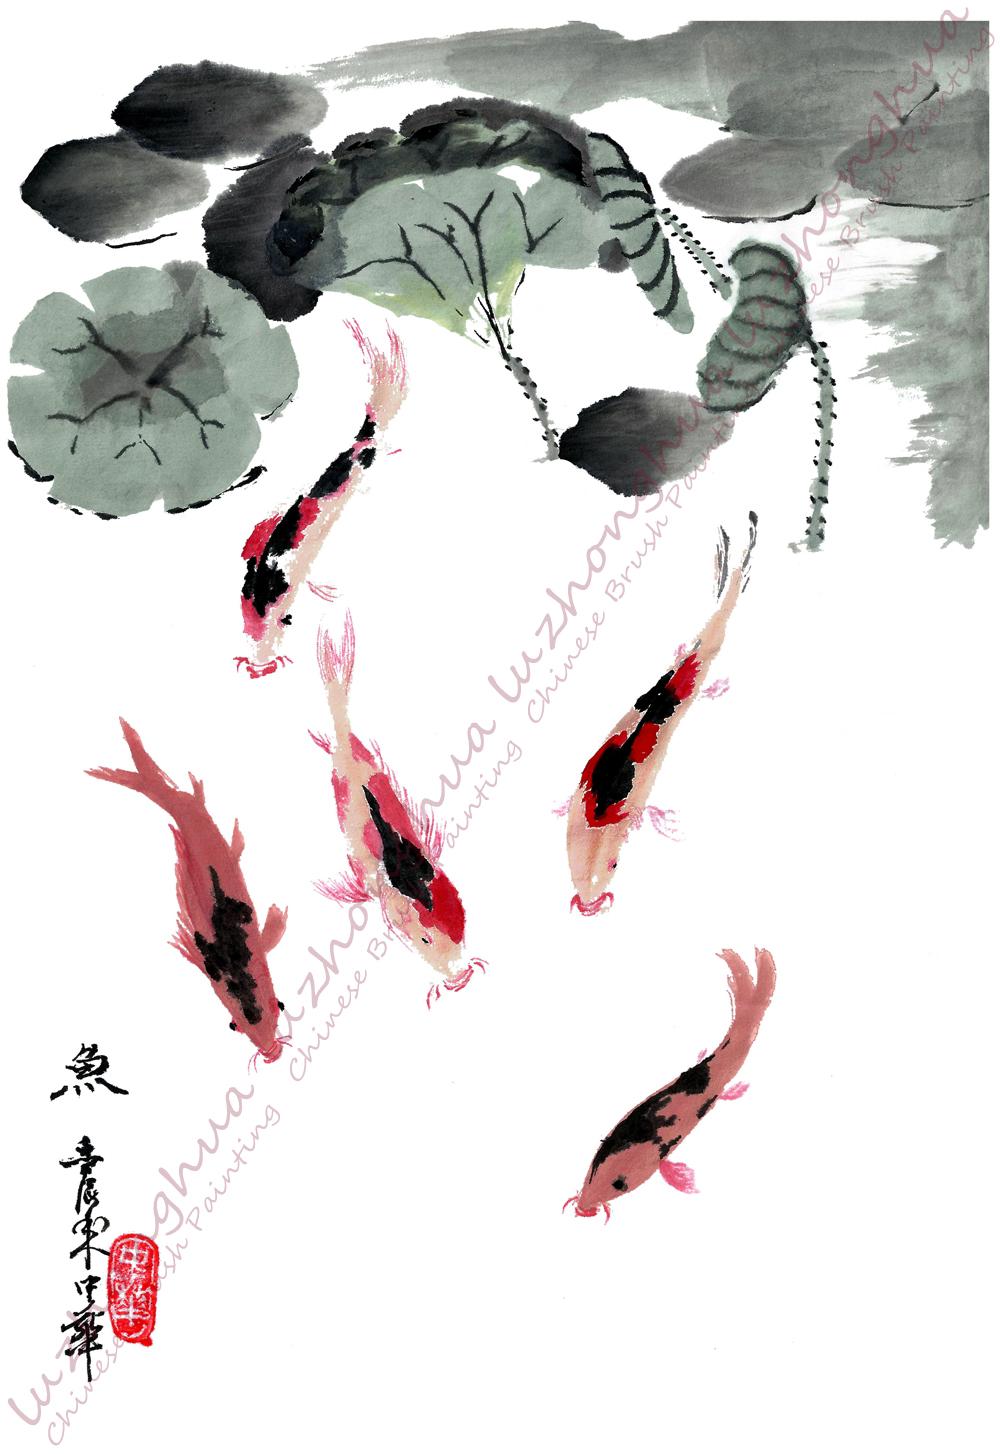 Fish School